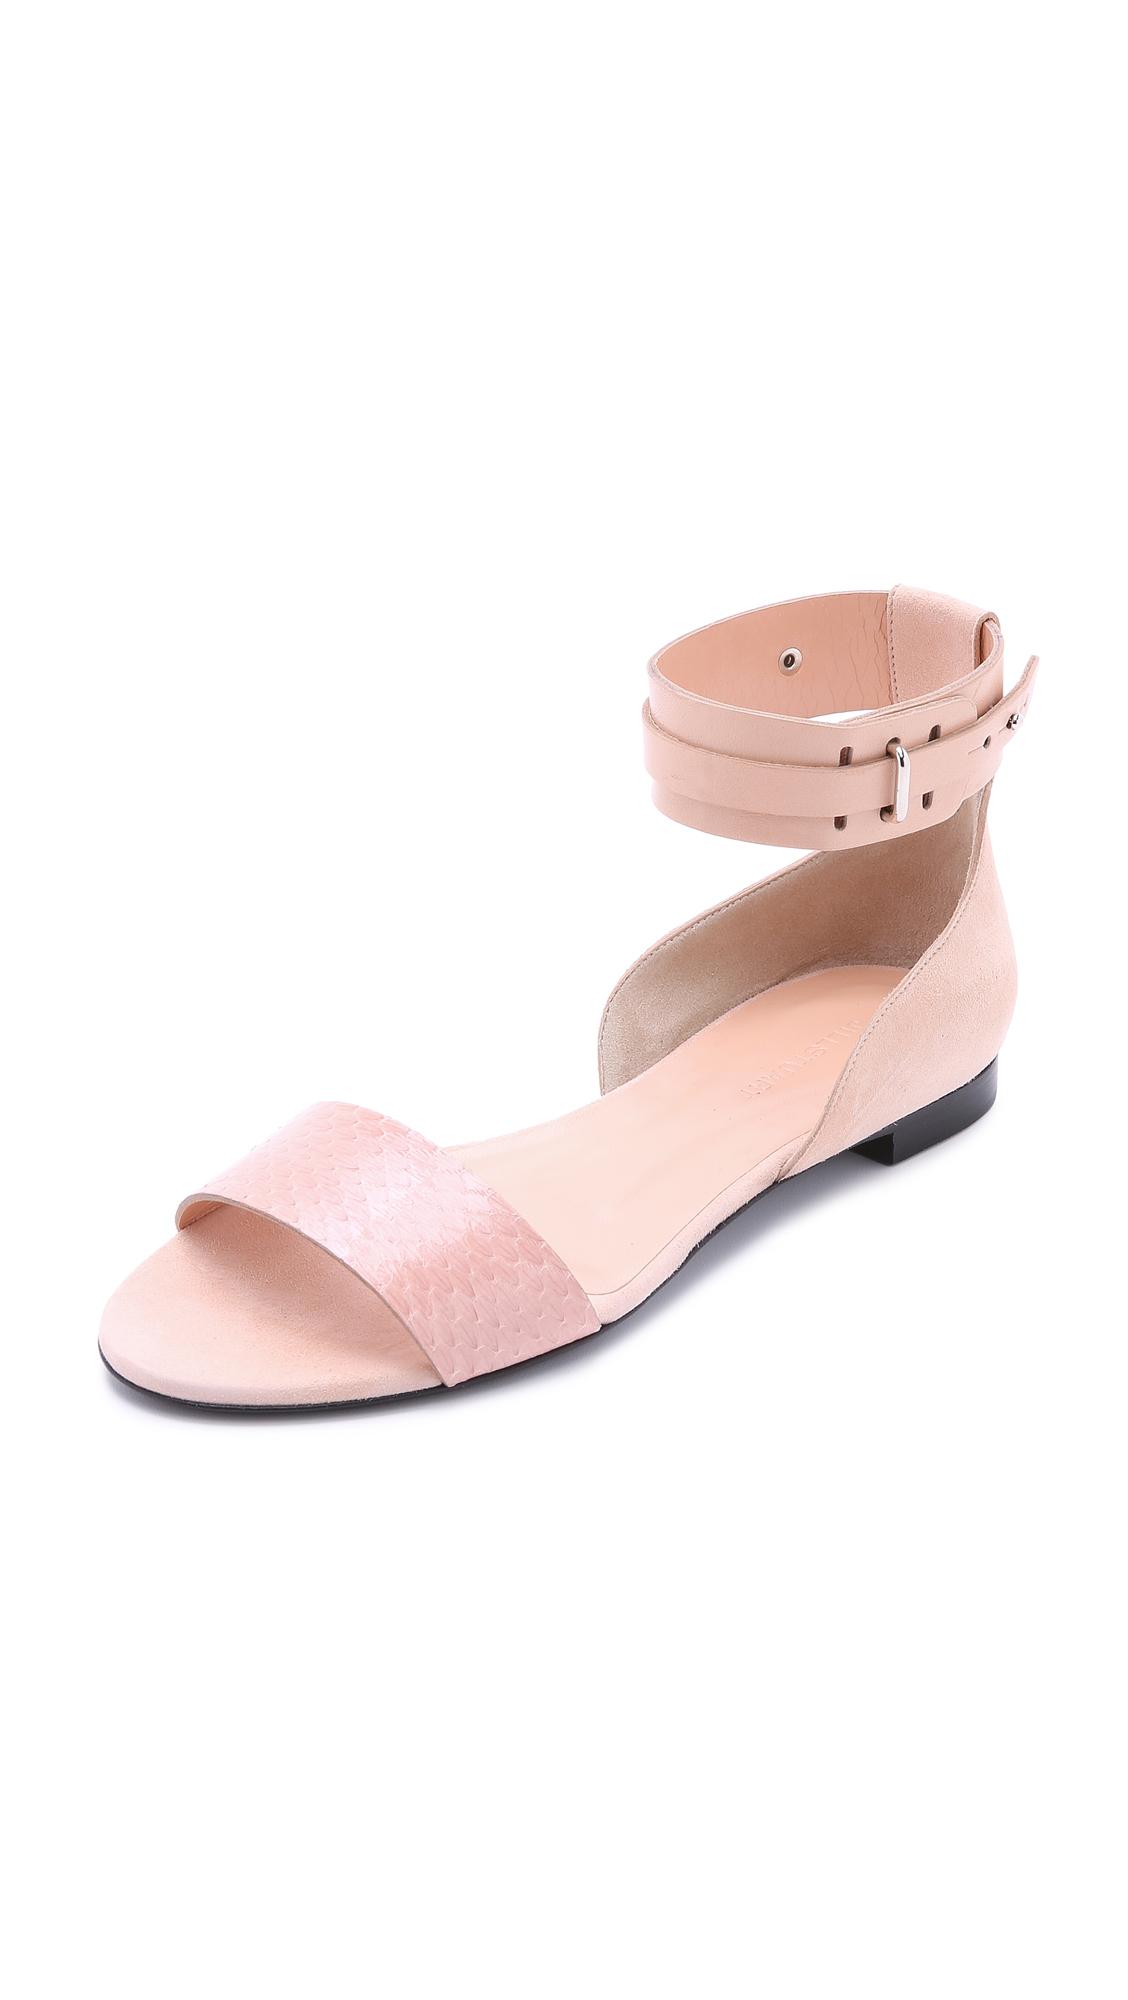 Jill Stuart Fabiola Flat Sandals   Blush In Pink | Lyst